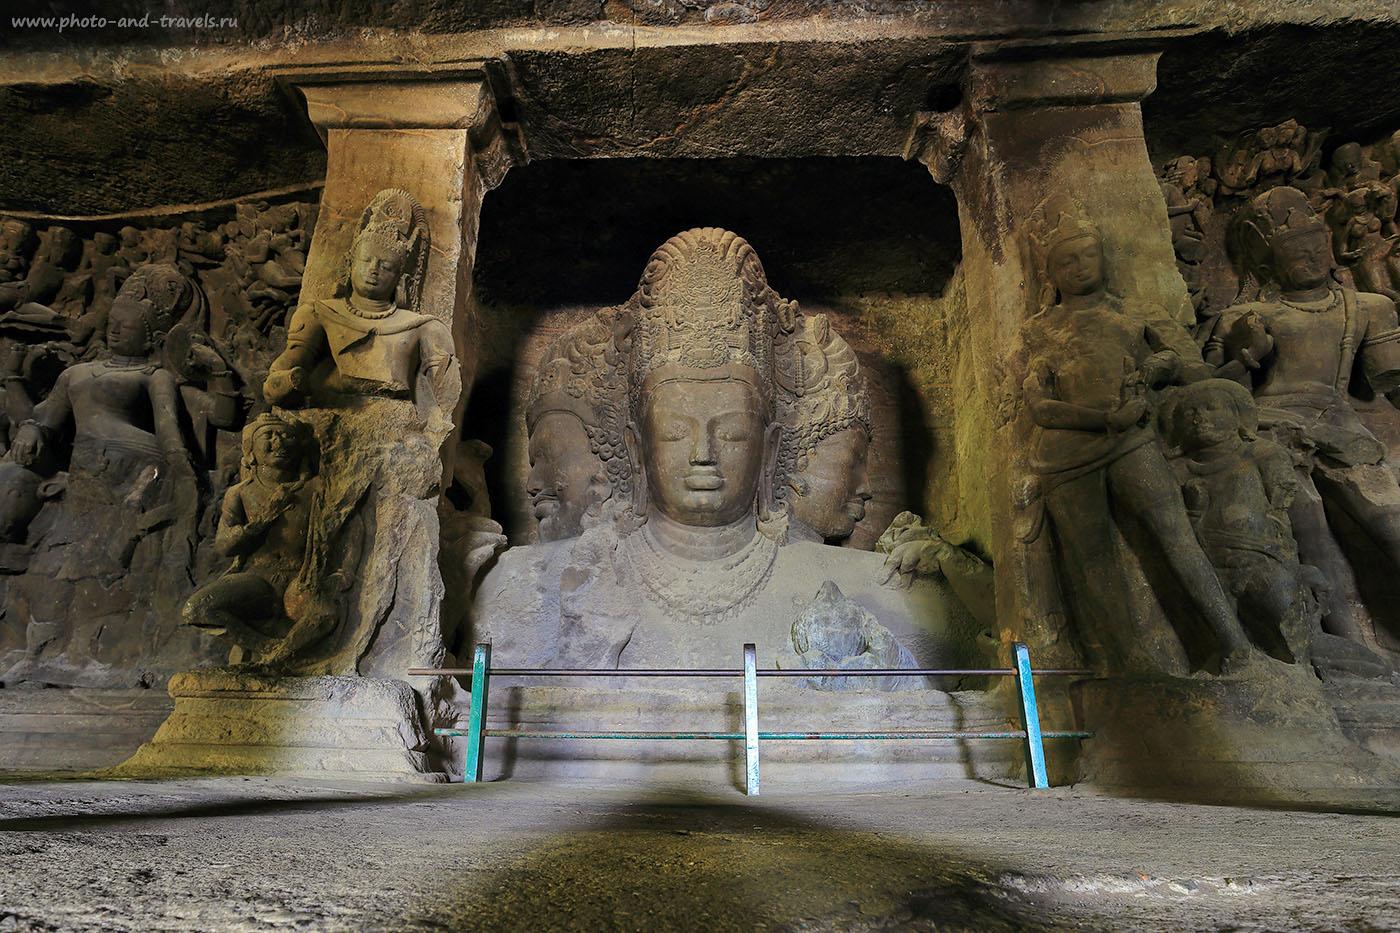 9. Тримурти Шивы в пещерах Элефанта. Можно ли поехать на экскурсии по Мумбаи самостоятельно. Путешествие по Индии (17-49, 6 сек., 0eV, f9, 17mm, ISO 100)